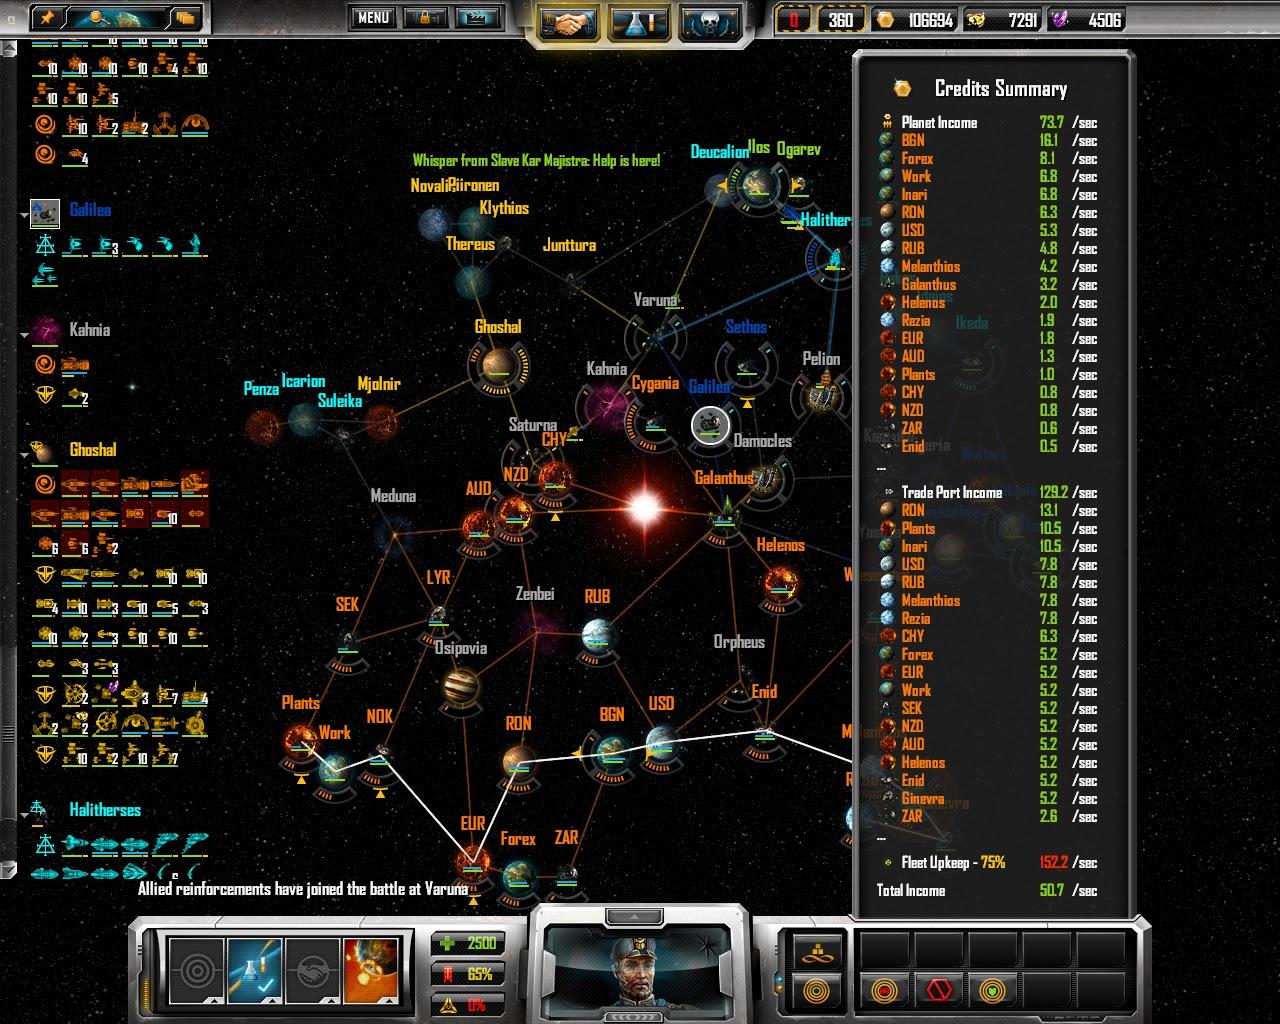 Sins of a Solar Empire - Fleet Screenshot